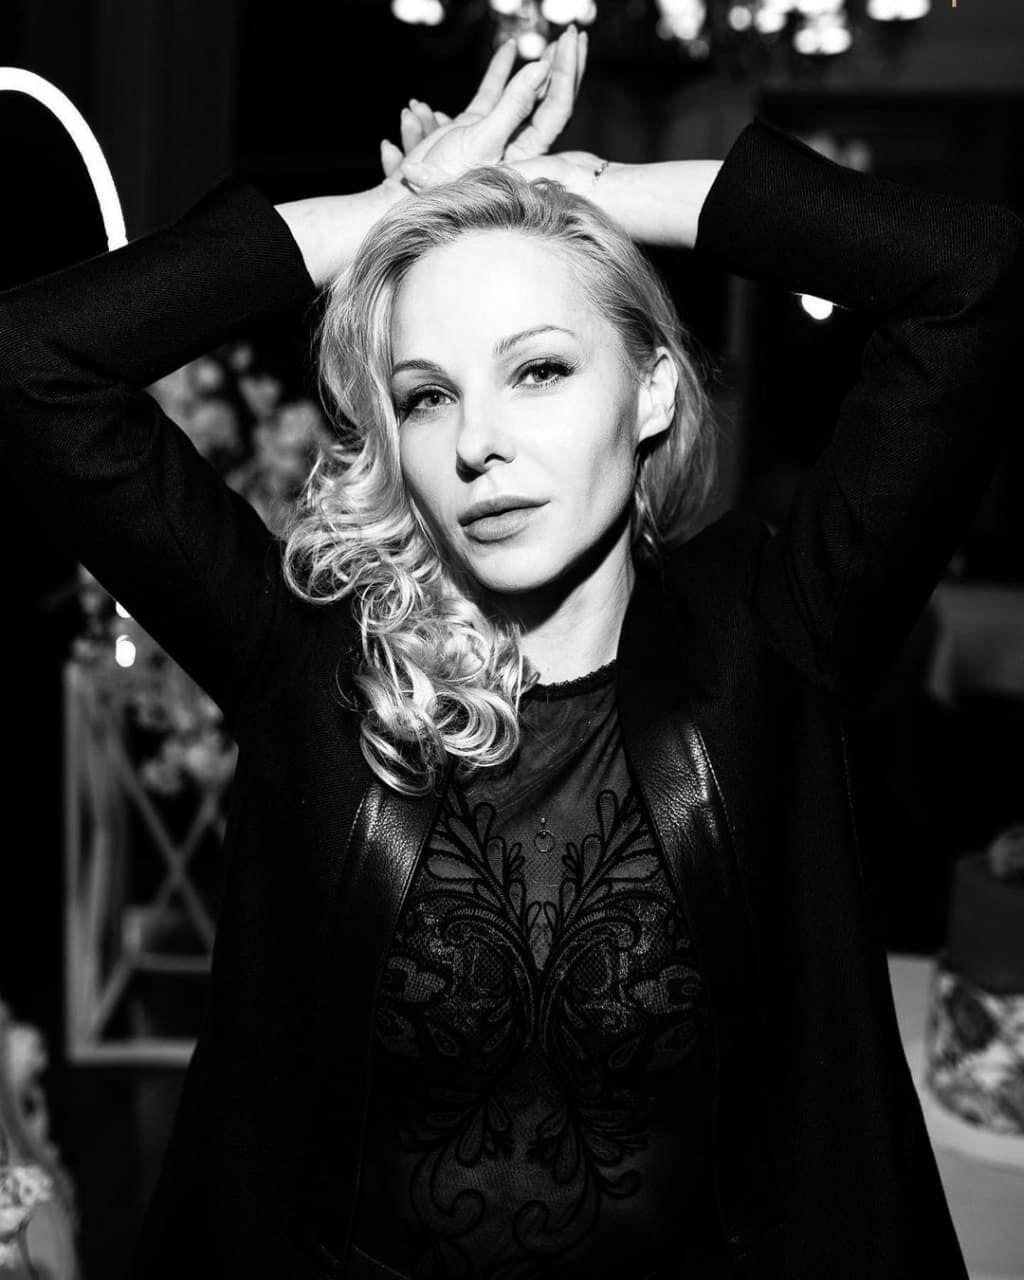 Даша Трегубова позировала на черно-белом фото.